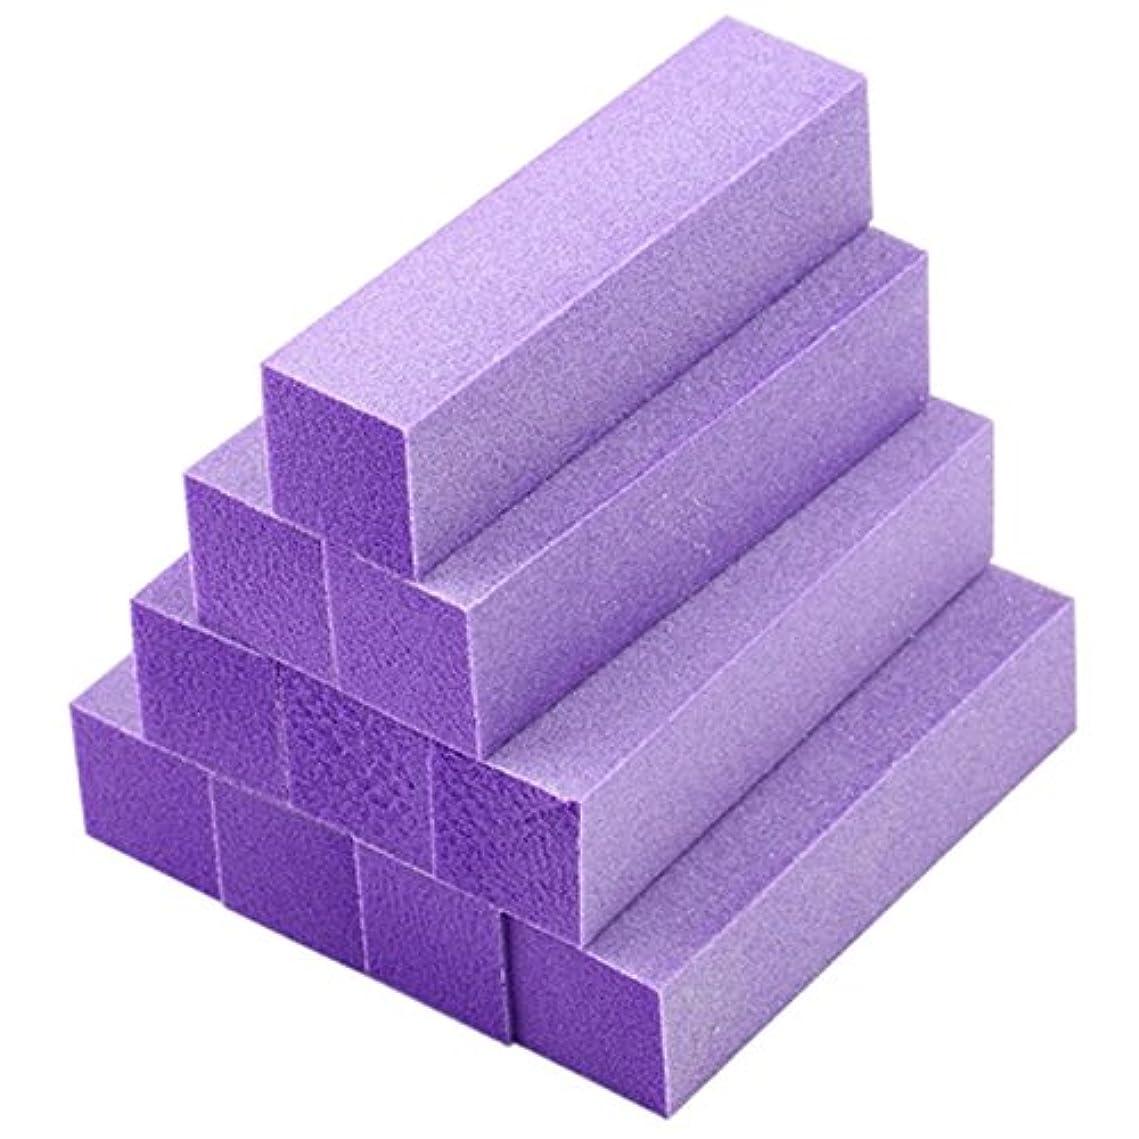 谷どのくらいの頻度で四面体ACAMPTAR 10xバフ研磨 バッファブロックファイル アクリルペディキュアマニキュアネイルアートチップ (色:紫)